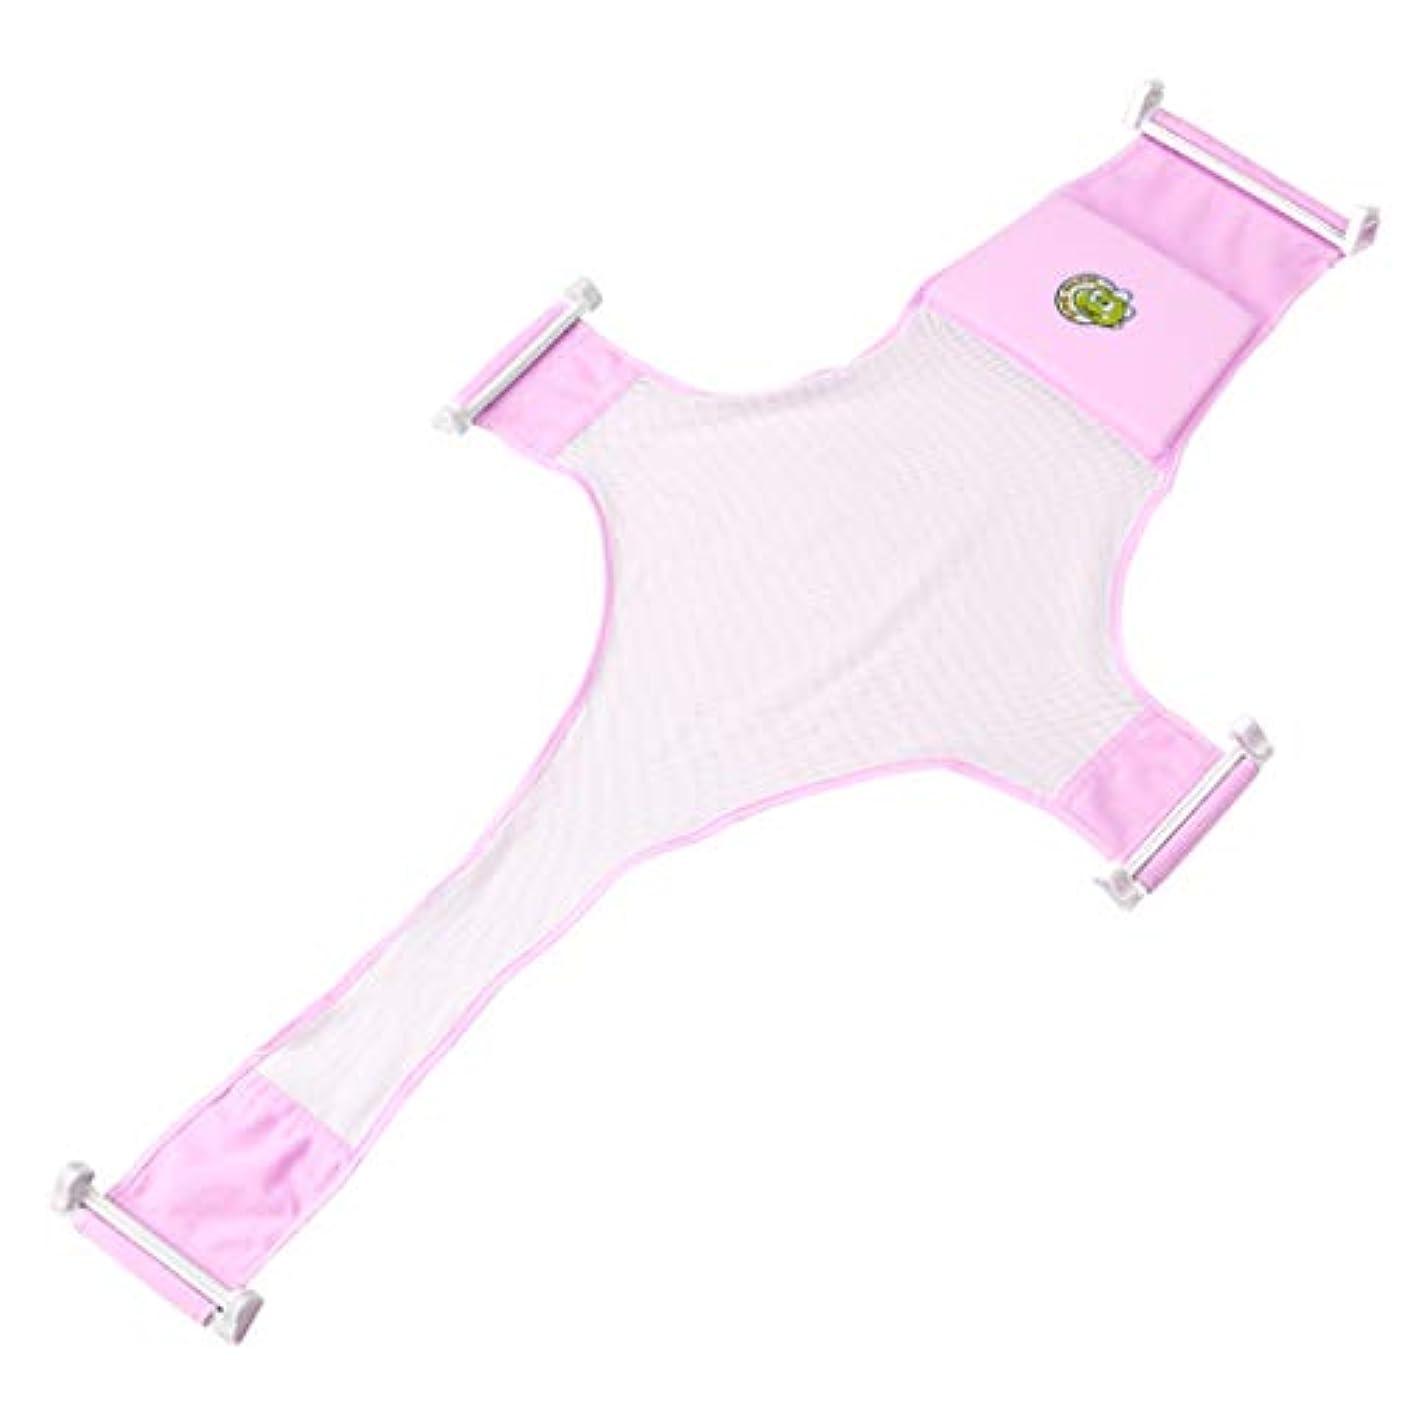 スタジオ北方地獄Oniorベビー十字架支網 調節可能 座席 支持網 滑り止め 快適 入浴 スタンドサスペンダー ハンモック 柔らかい ピンク